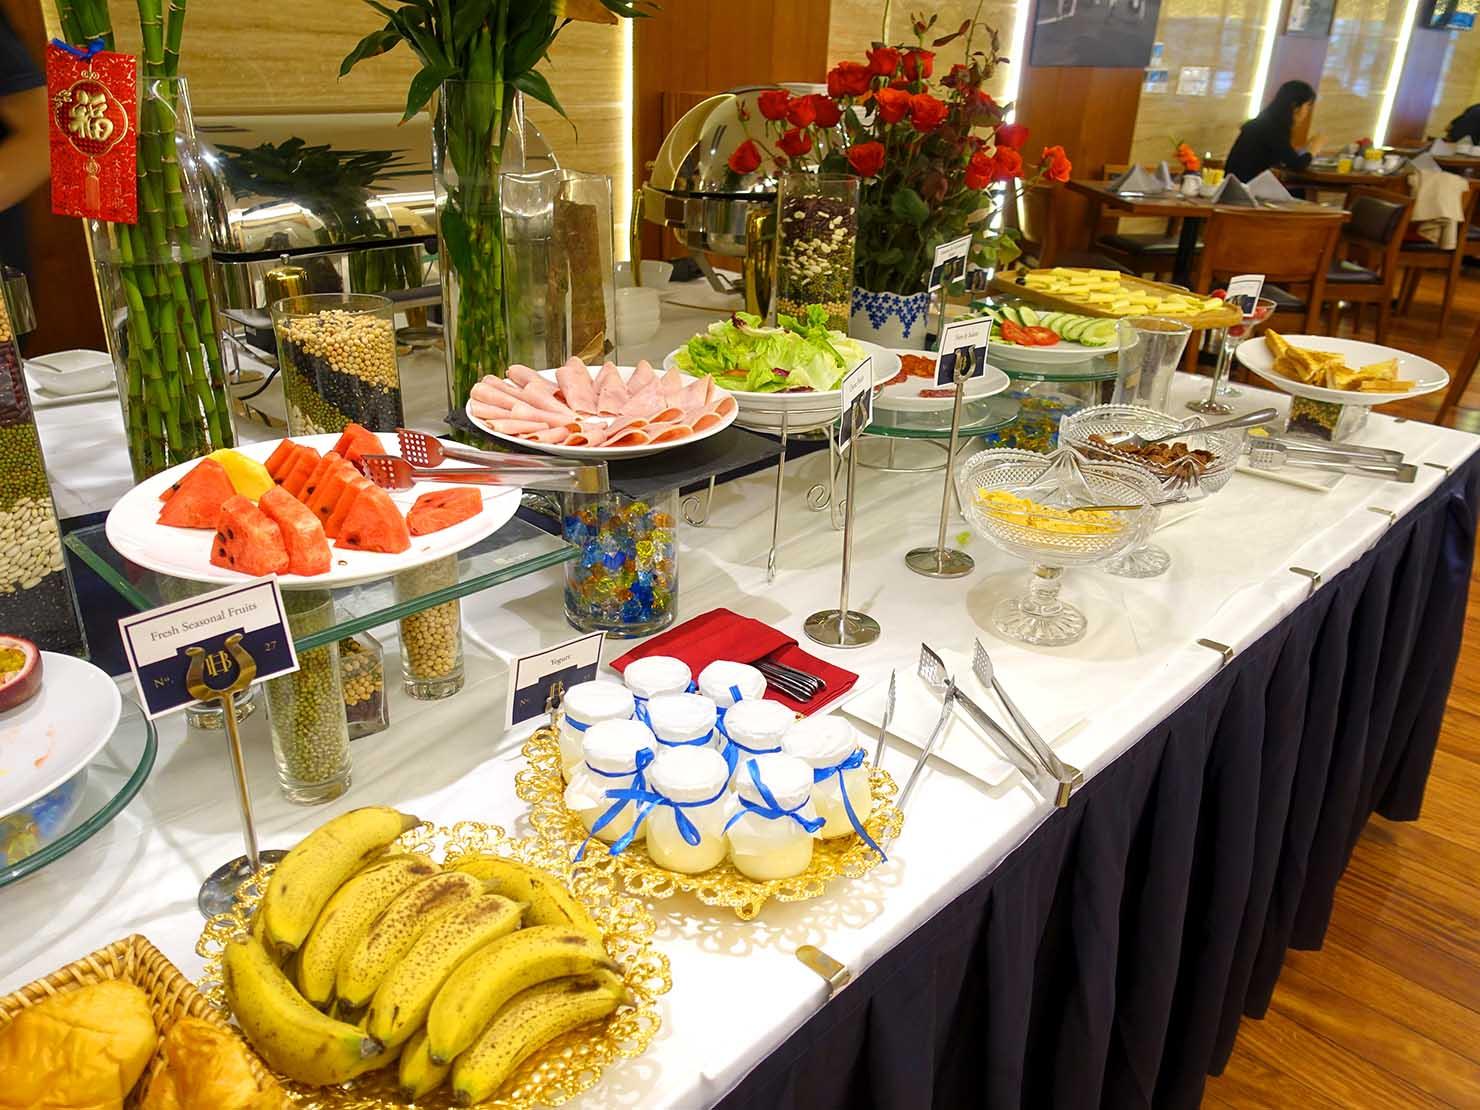 ハノイ旧市街ど真ん中の観光に便利なおすすめホテル「Hai Bay Hotel」2Fレストランの洋食ビュッフェに並ぶフルーツ